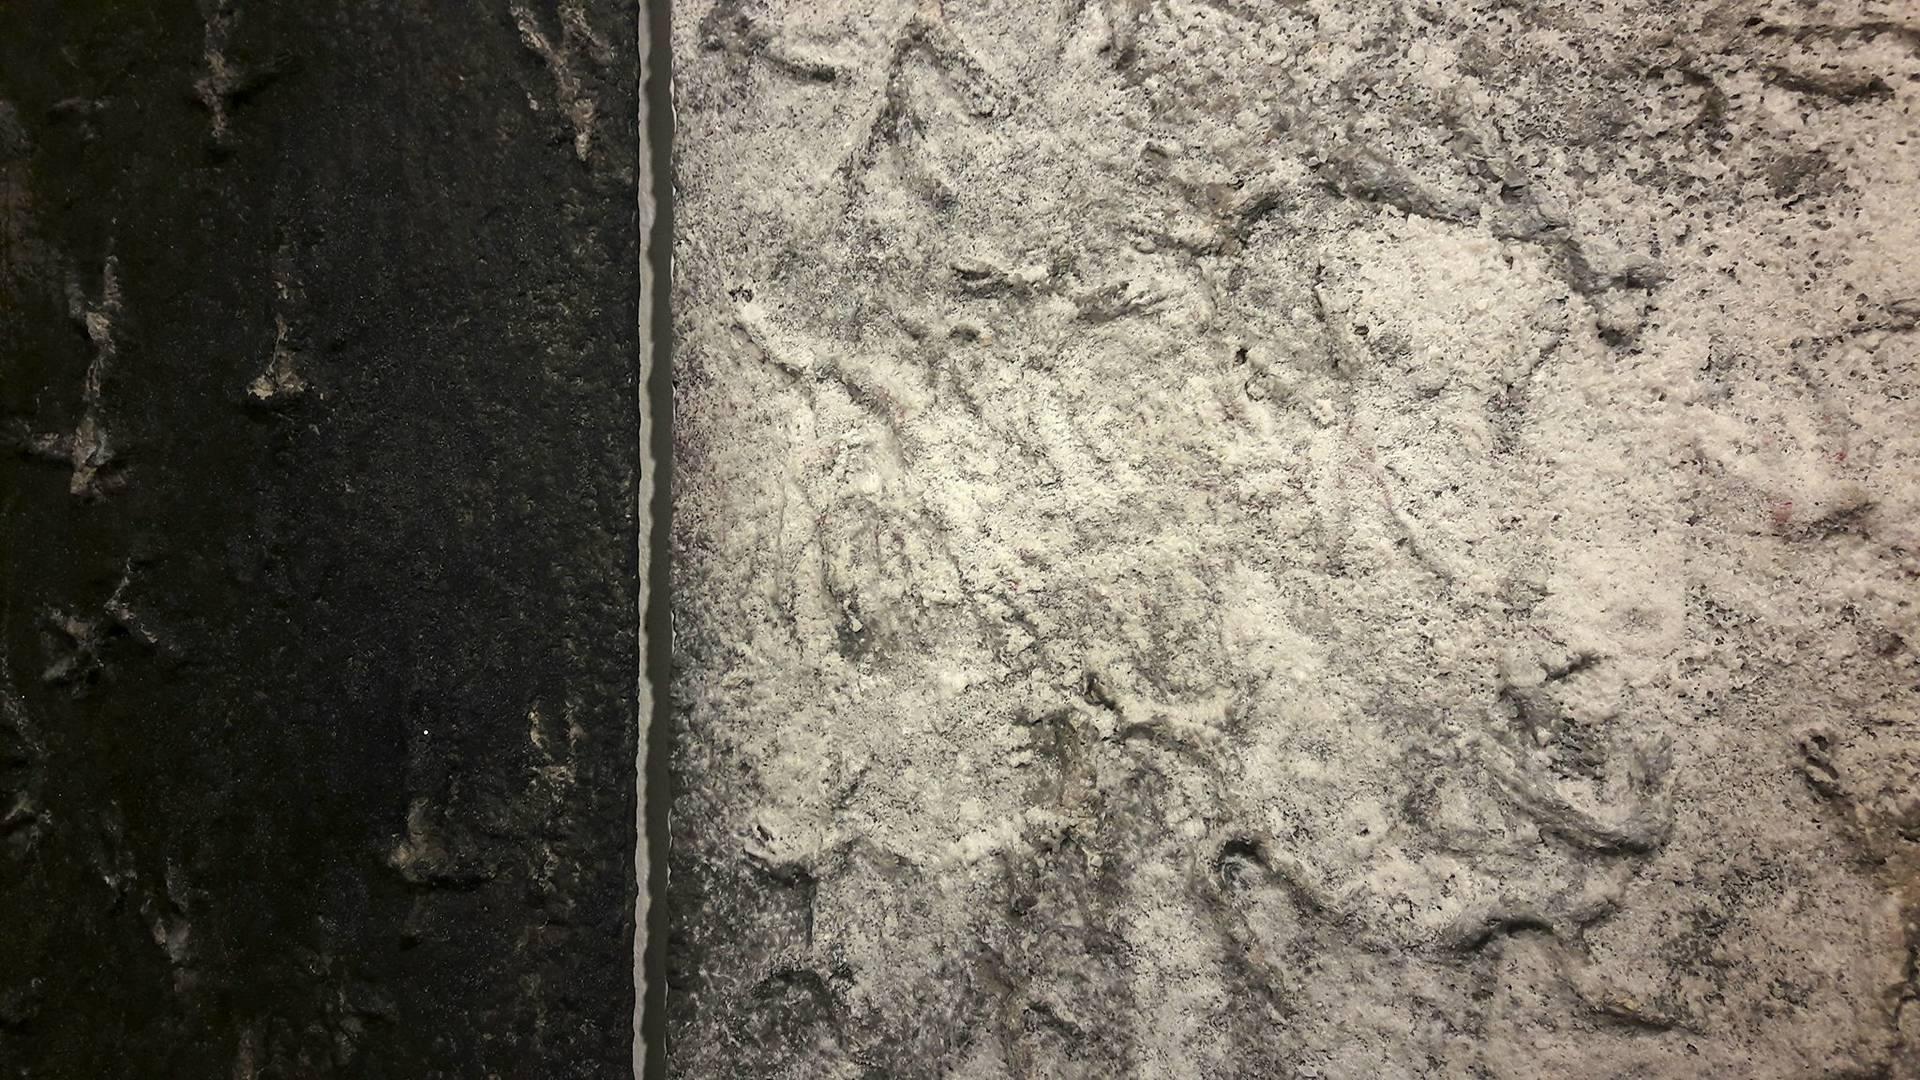 Nero e bianco per la pietra di carta. Daniela Barzaghi in mostra presso Sblu spazioalbello